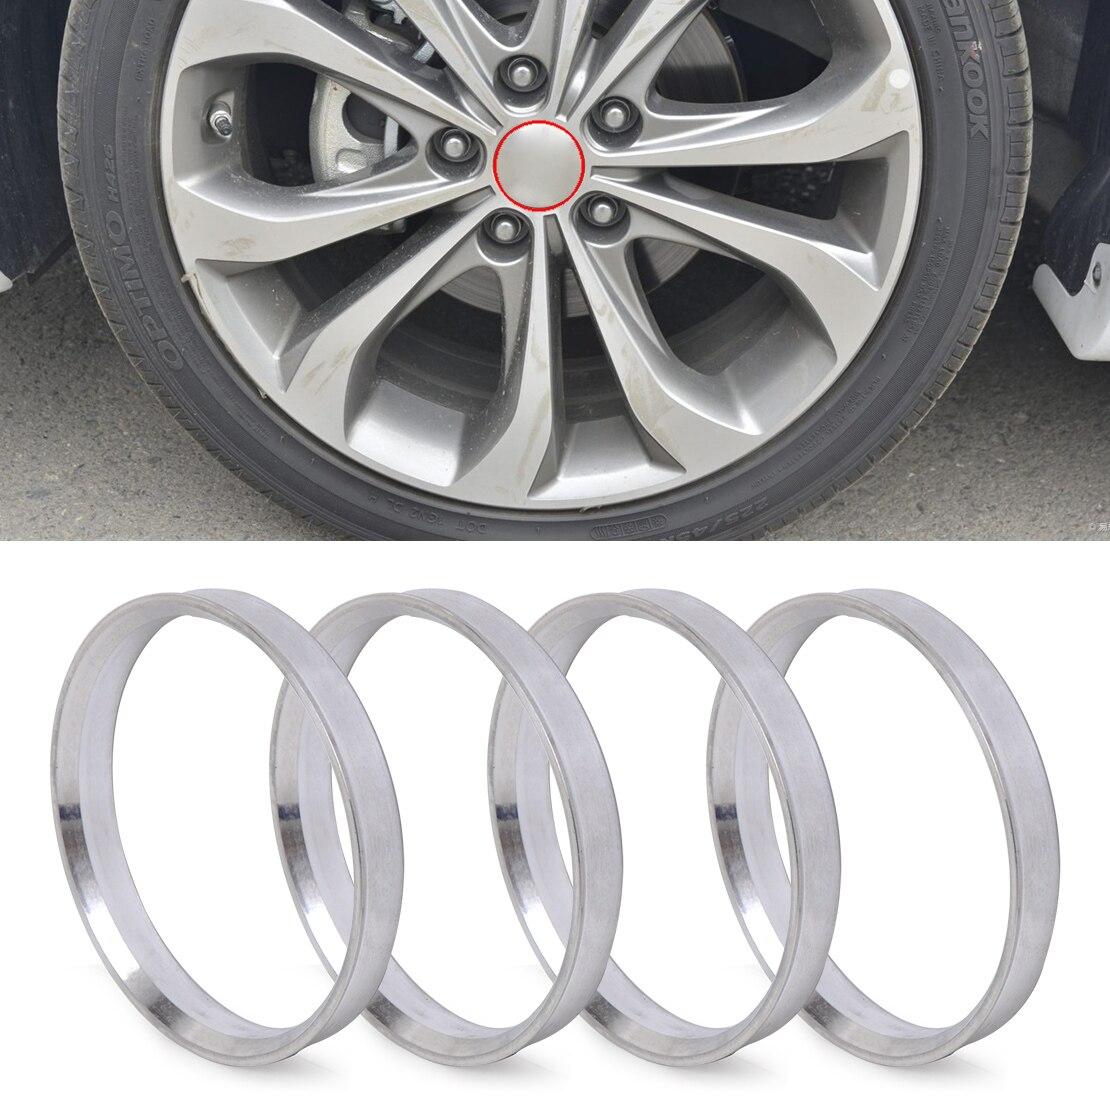 DWCX 4 pcs En Aluminium Hub Anneaux | 67.1mm Hub à 73.1mm Alésage De Roue | ID 67 | OD 73 pour Mazda 3 6 CX-7 Hyundai Tucson Kia Âme Sportage